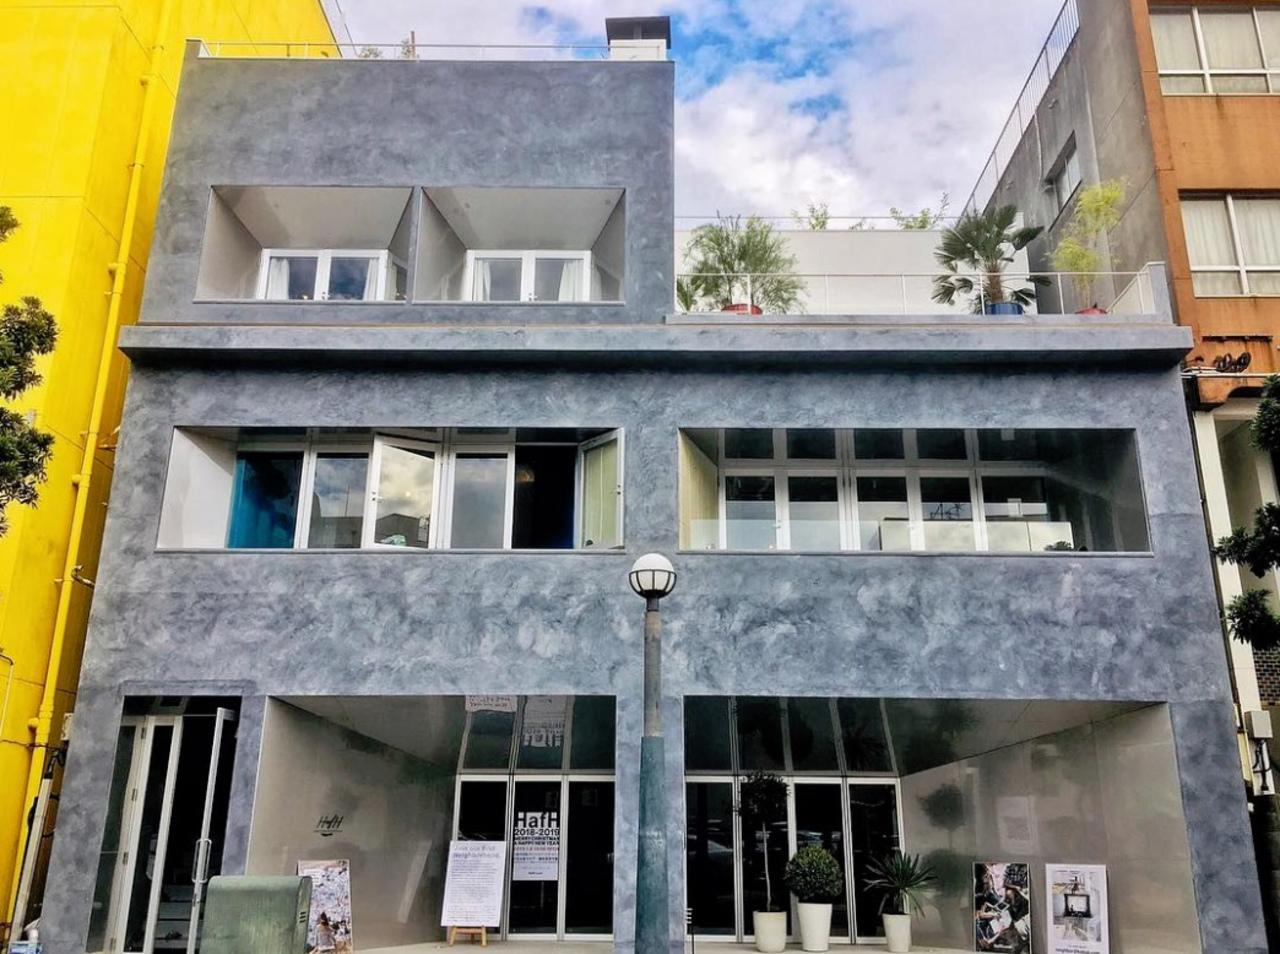 定額で世界各地に住み放題!始まる...長崎市古川町に「HafH Nagasaki-SAI」オープン